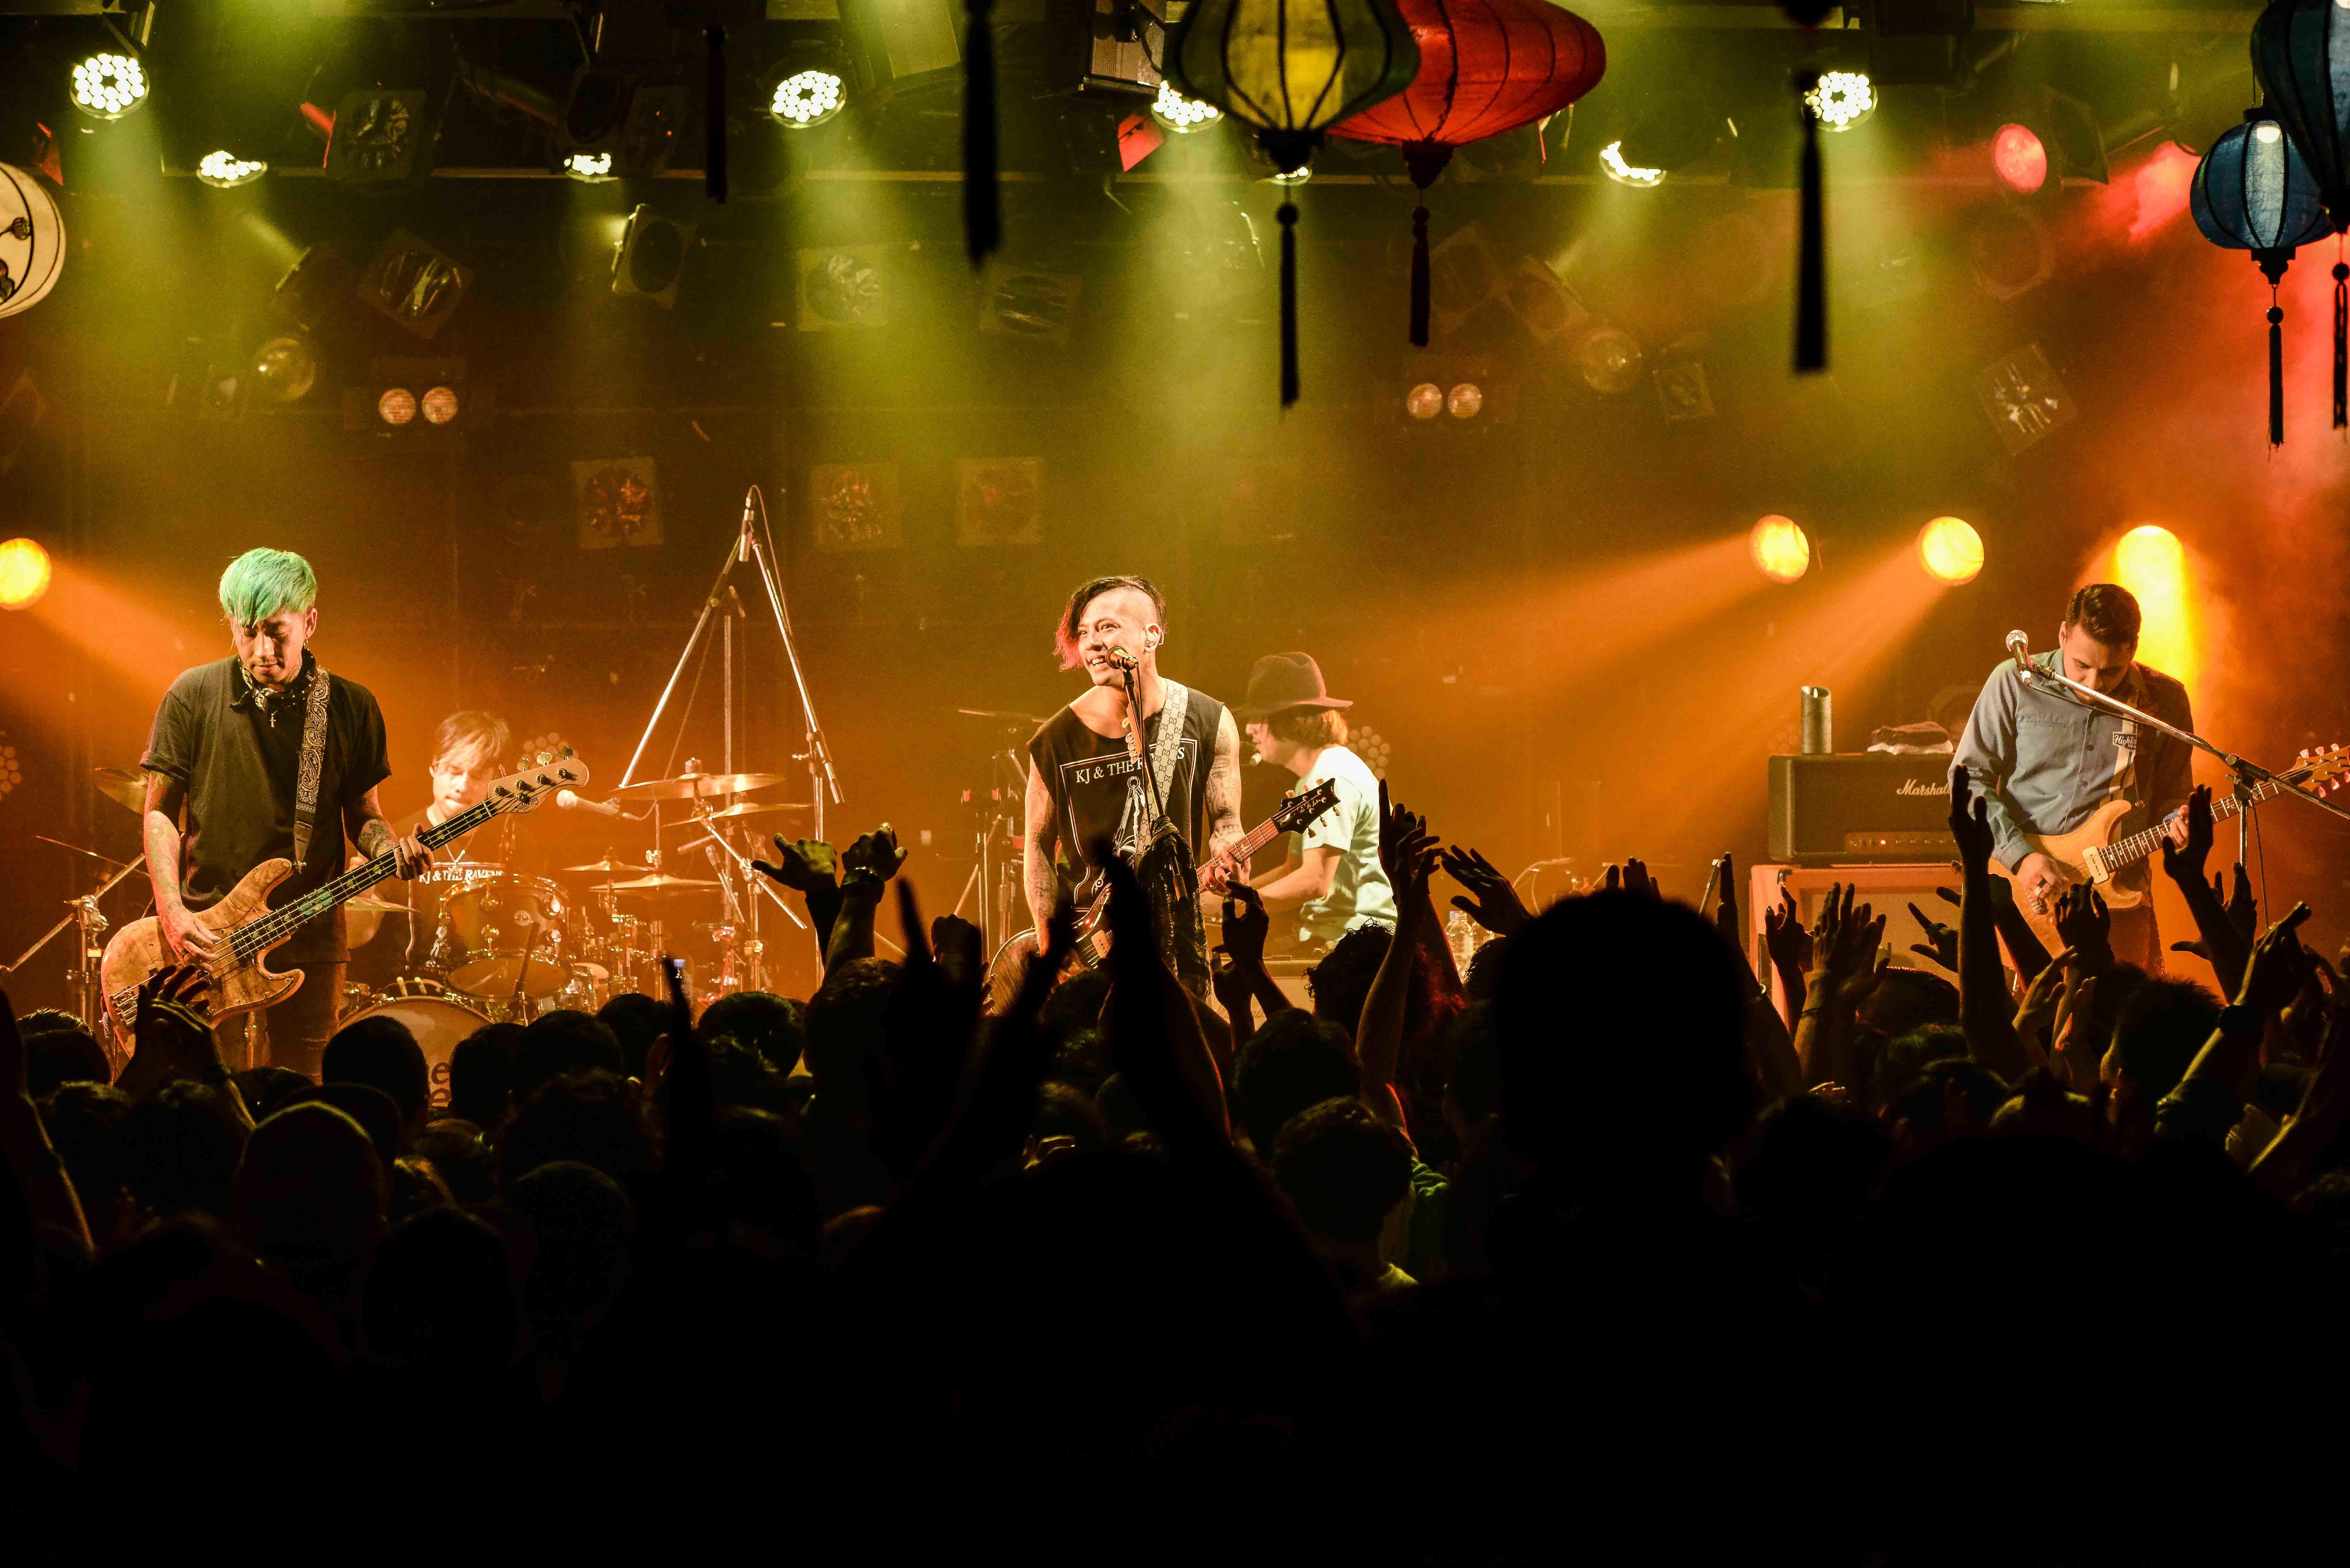 降谷建志1st LIVE TOUR  「THE PENDULUM」performed by Kj and The Ravens 写真:橋本塁(サウシュー&STINGRAY)